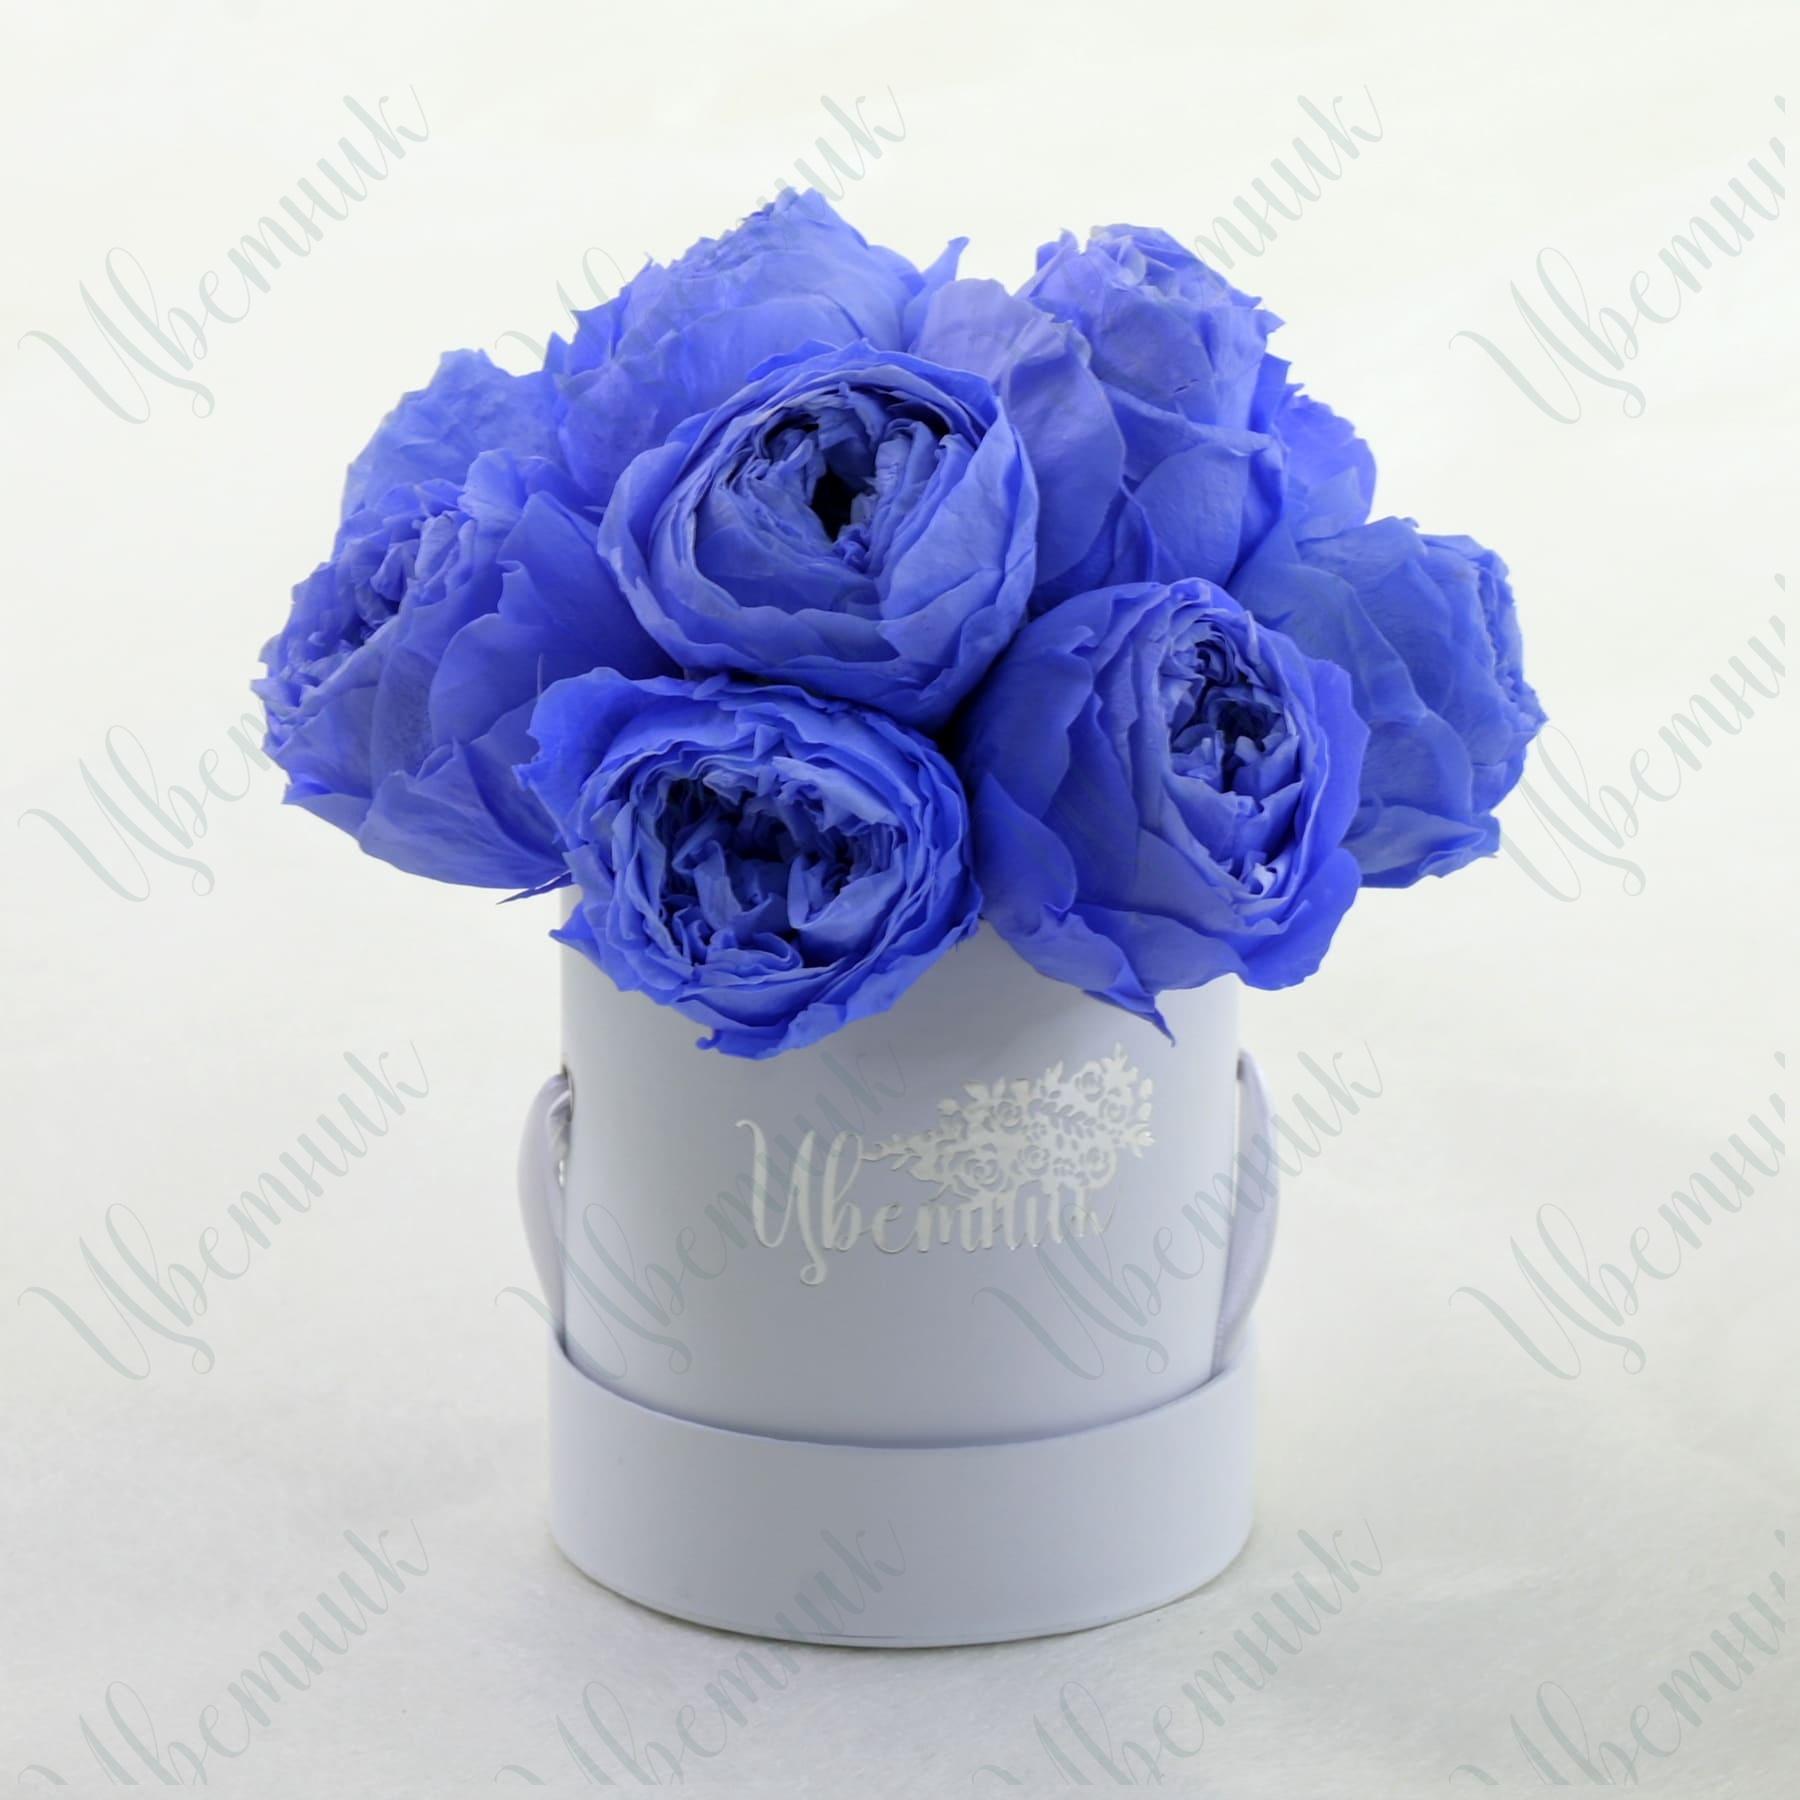 Стабилизированные черничные розы в круглой коробке 10 шт.